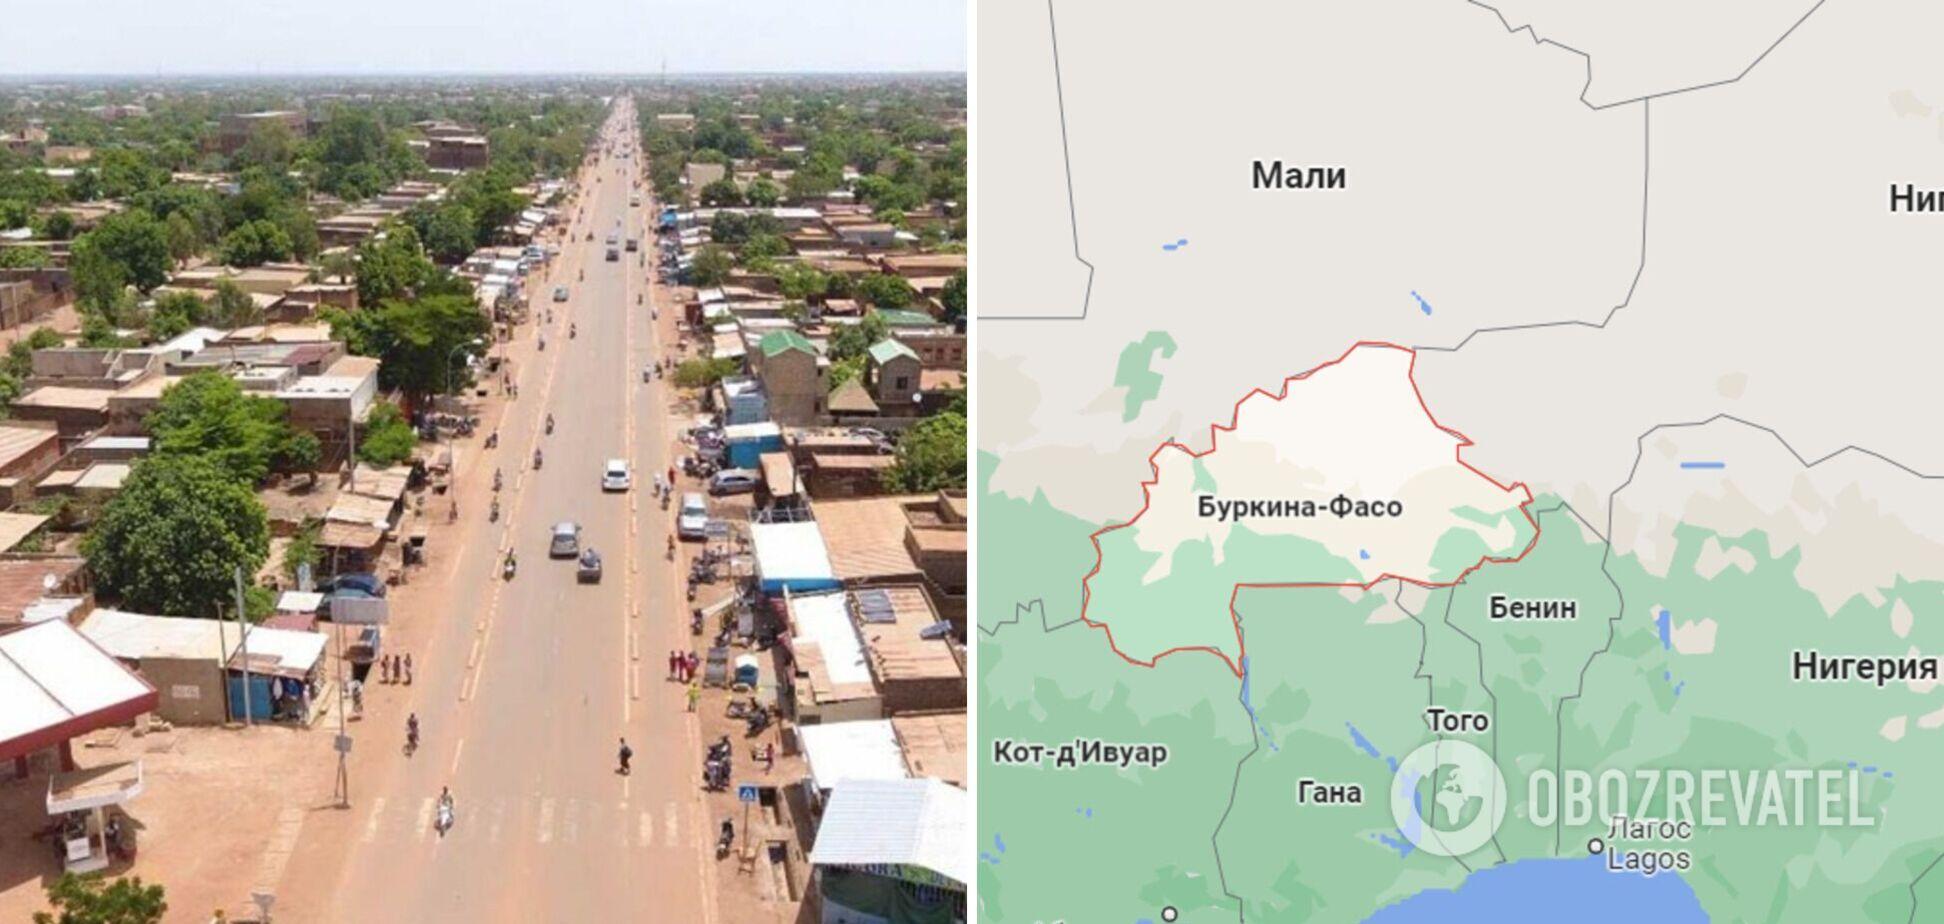 Бойовики вбили солдатів у Буркіна-Фасо